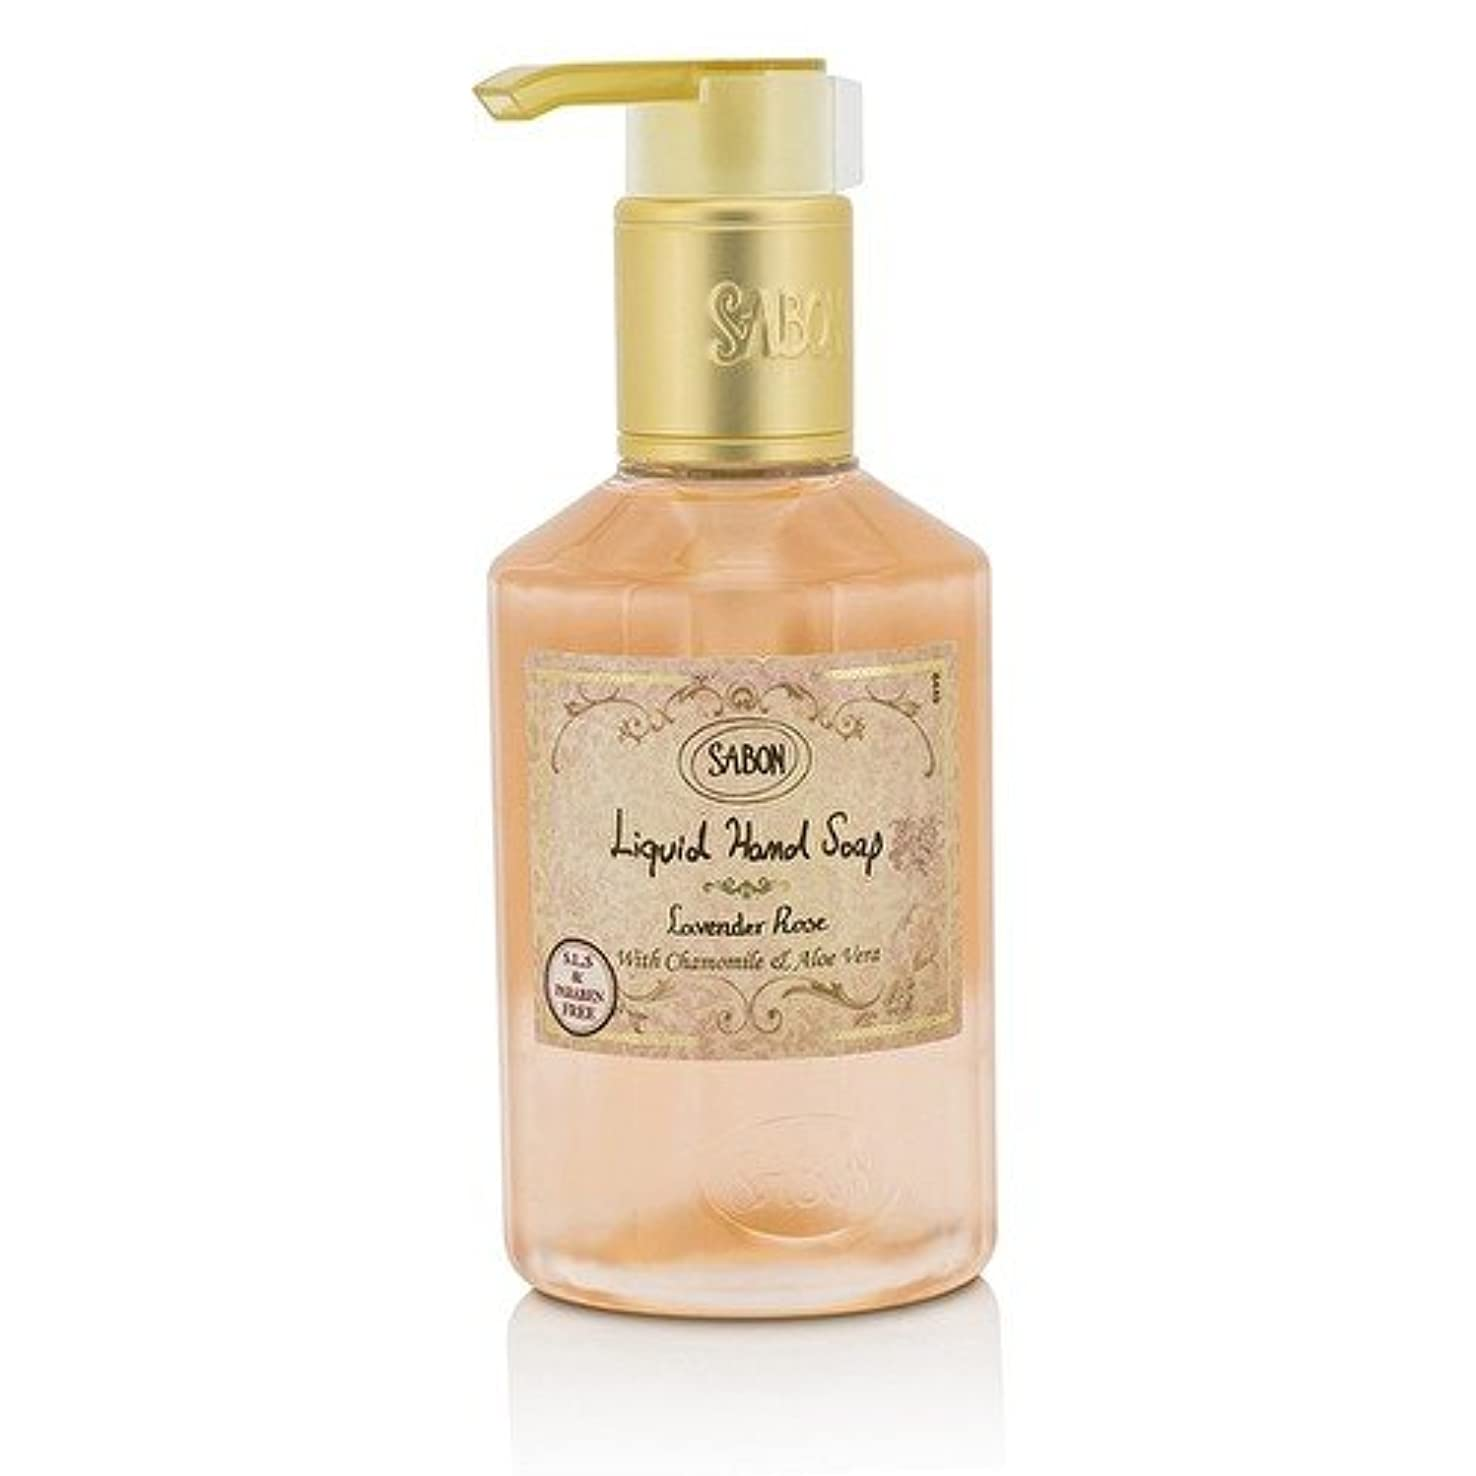 シマウマ女優ラフトサボン Liquid Hand Soap - Lavender Rose 200ml/7oz並行輸入品